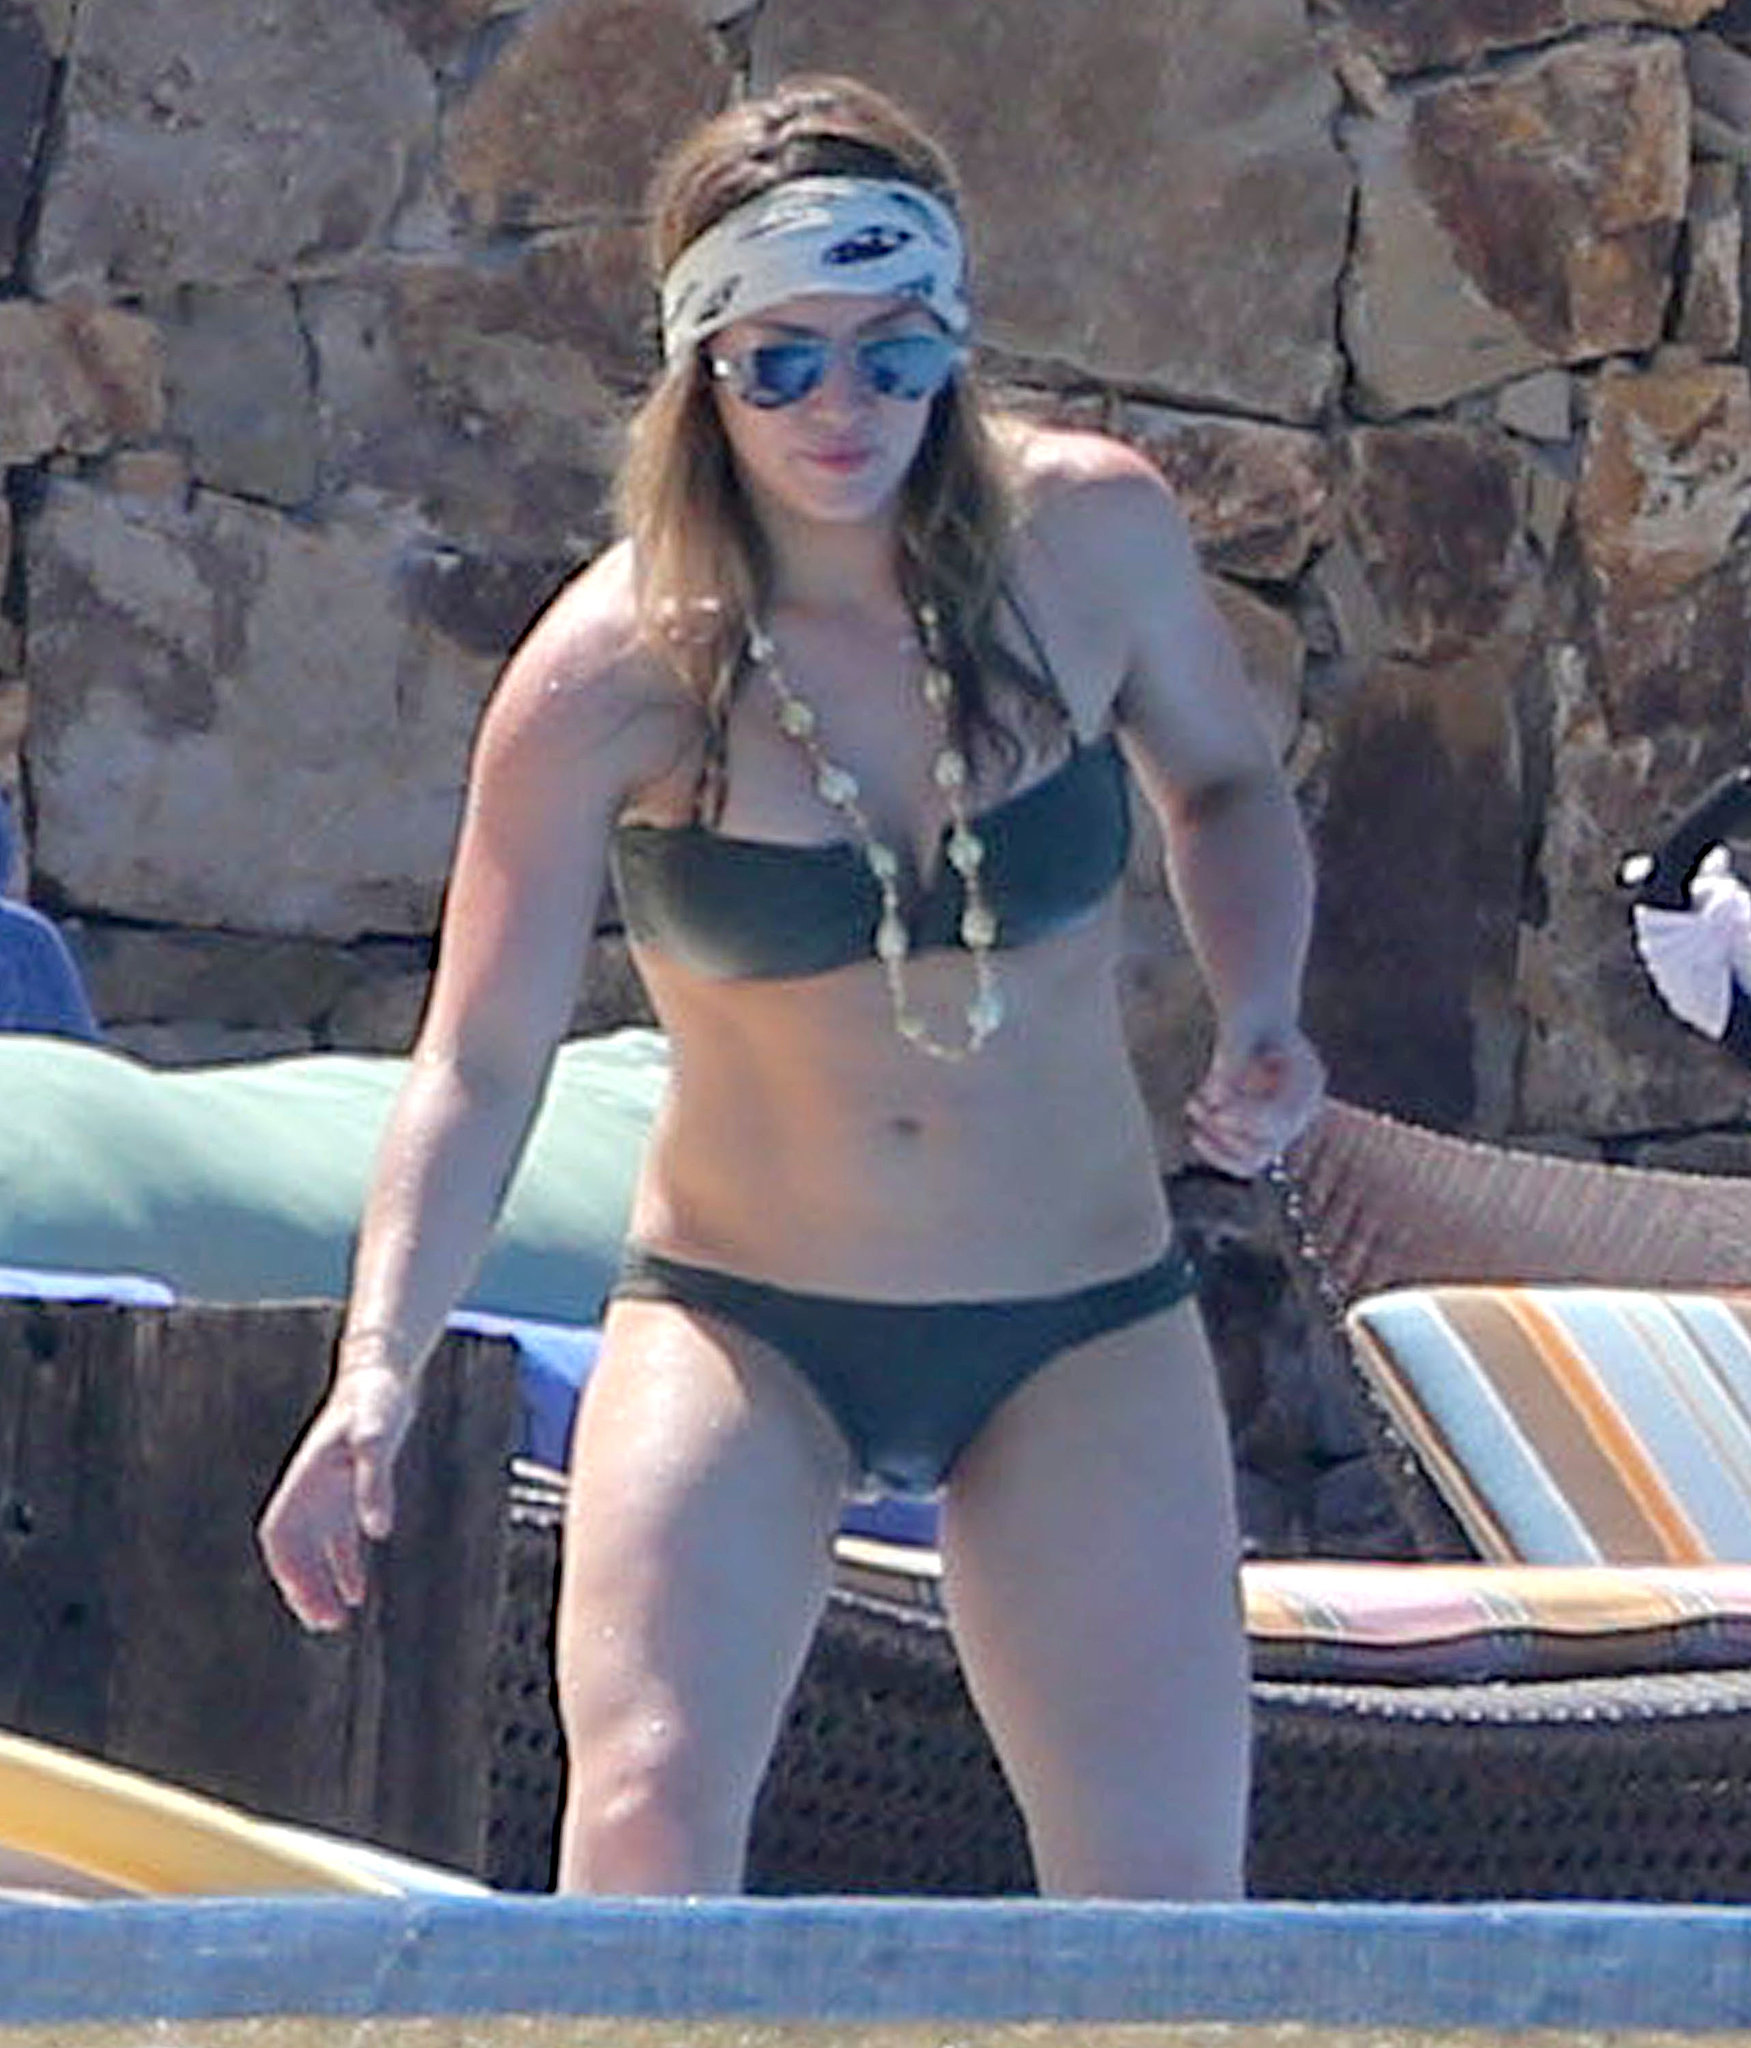 59. Hilary Duff